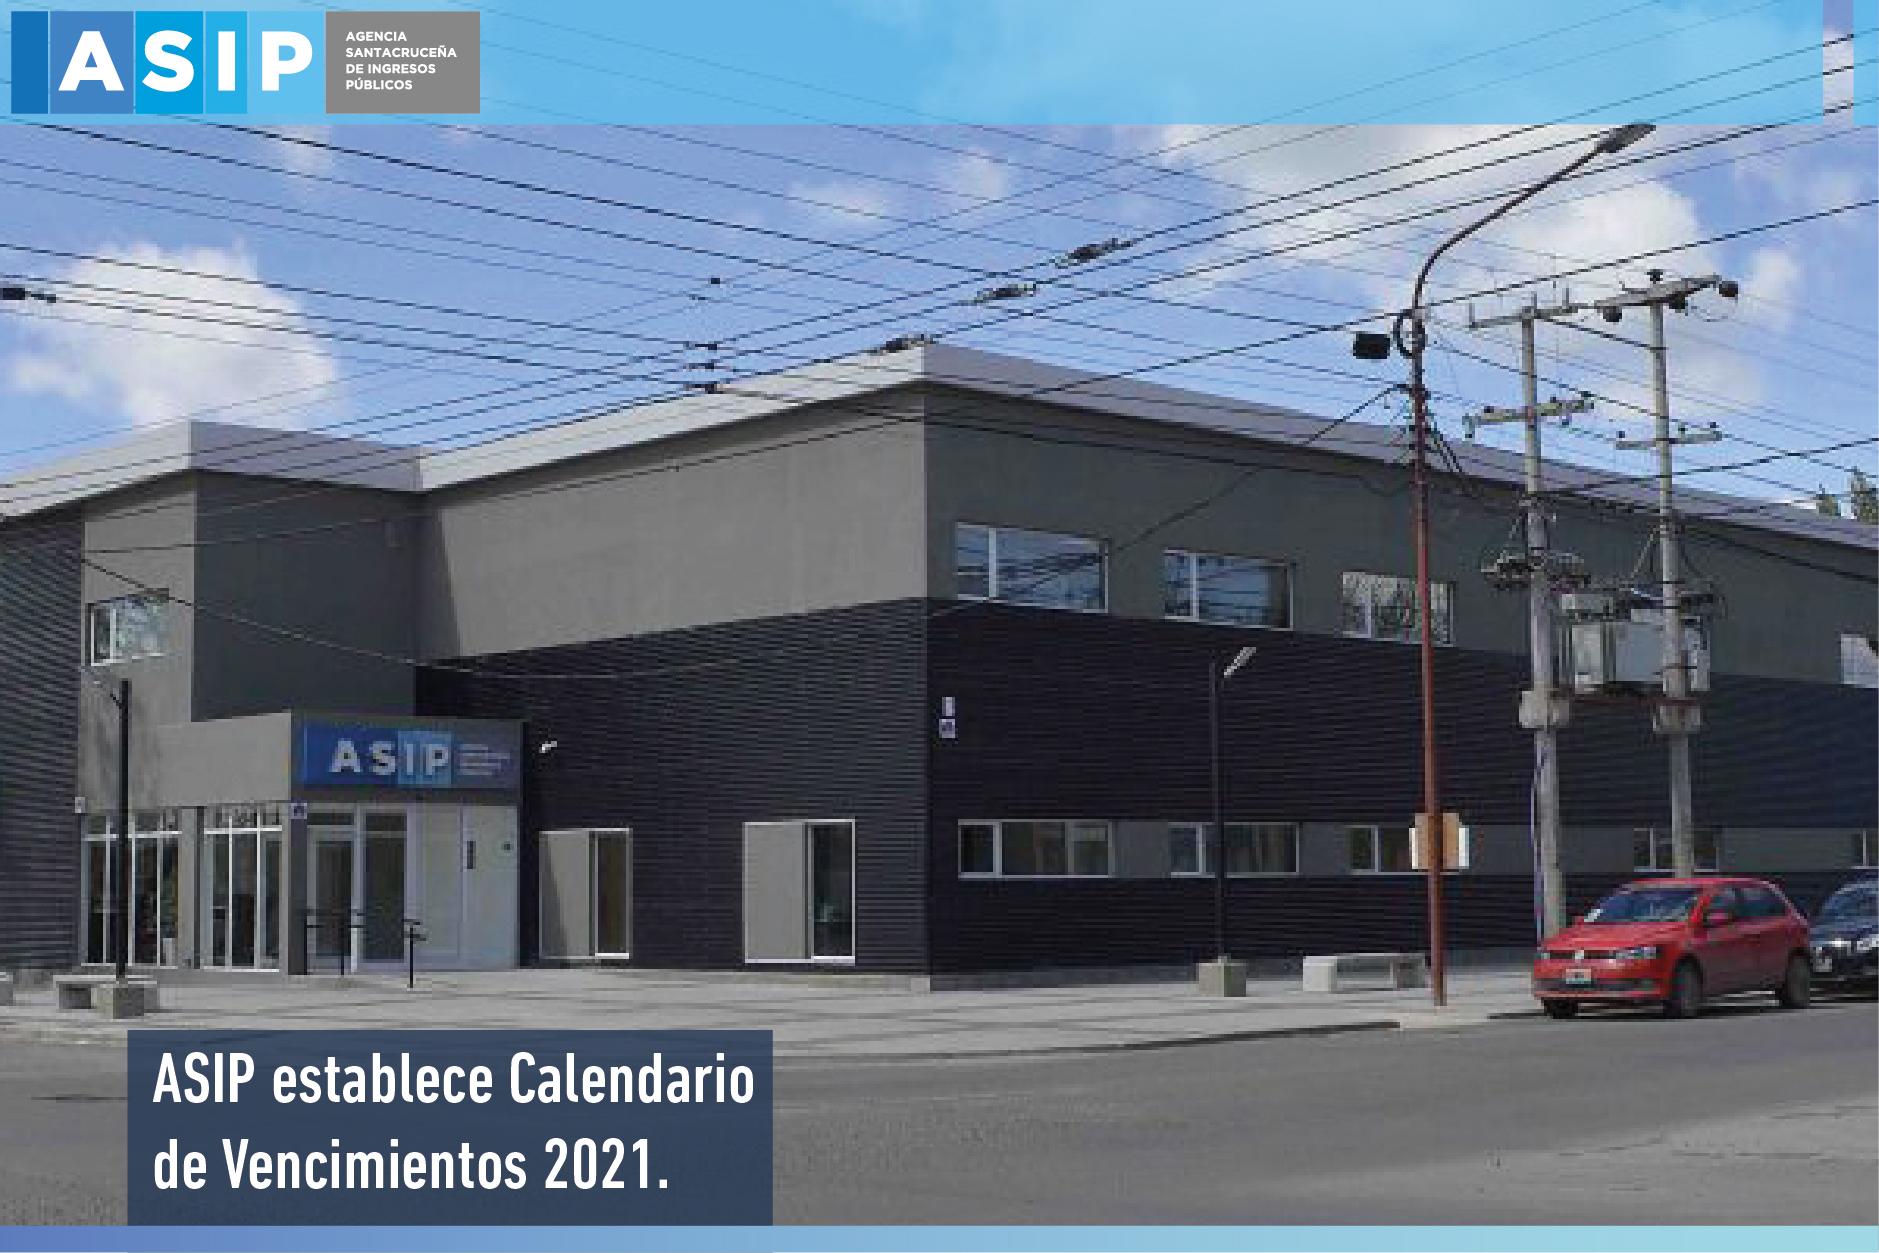 Vencimientos 2021